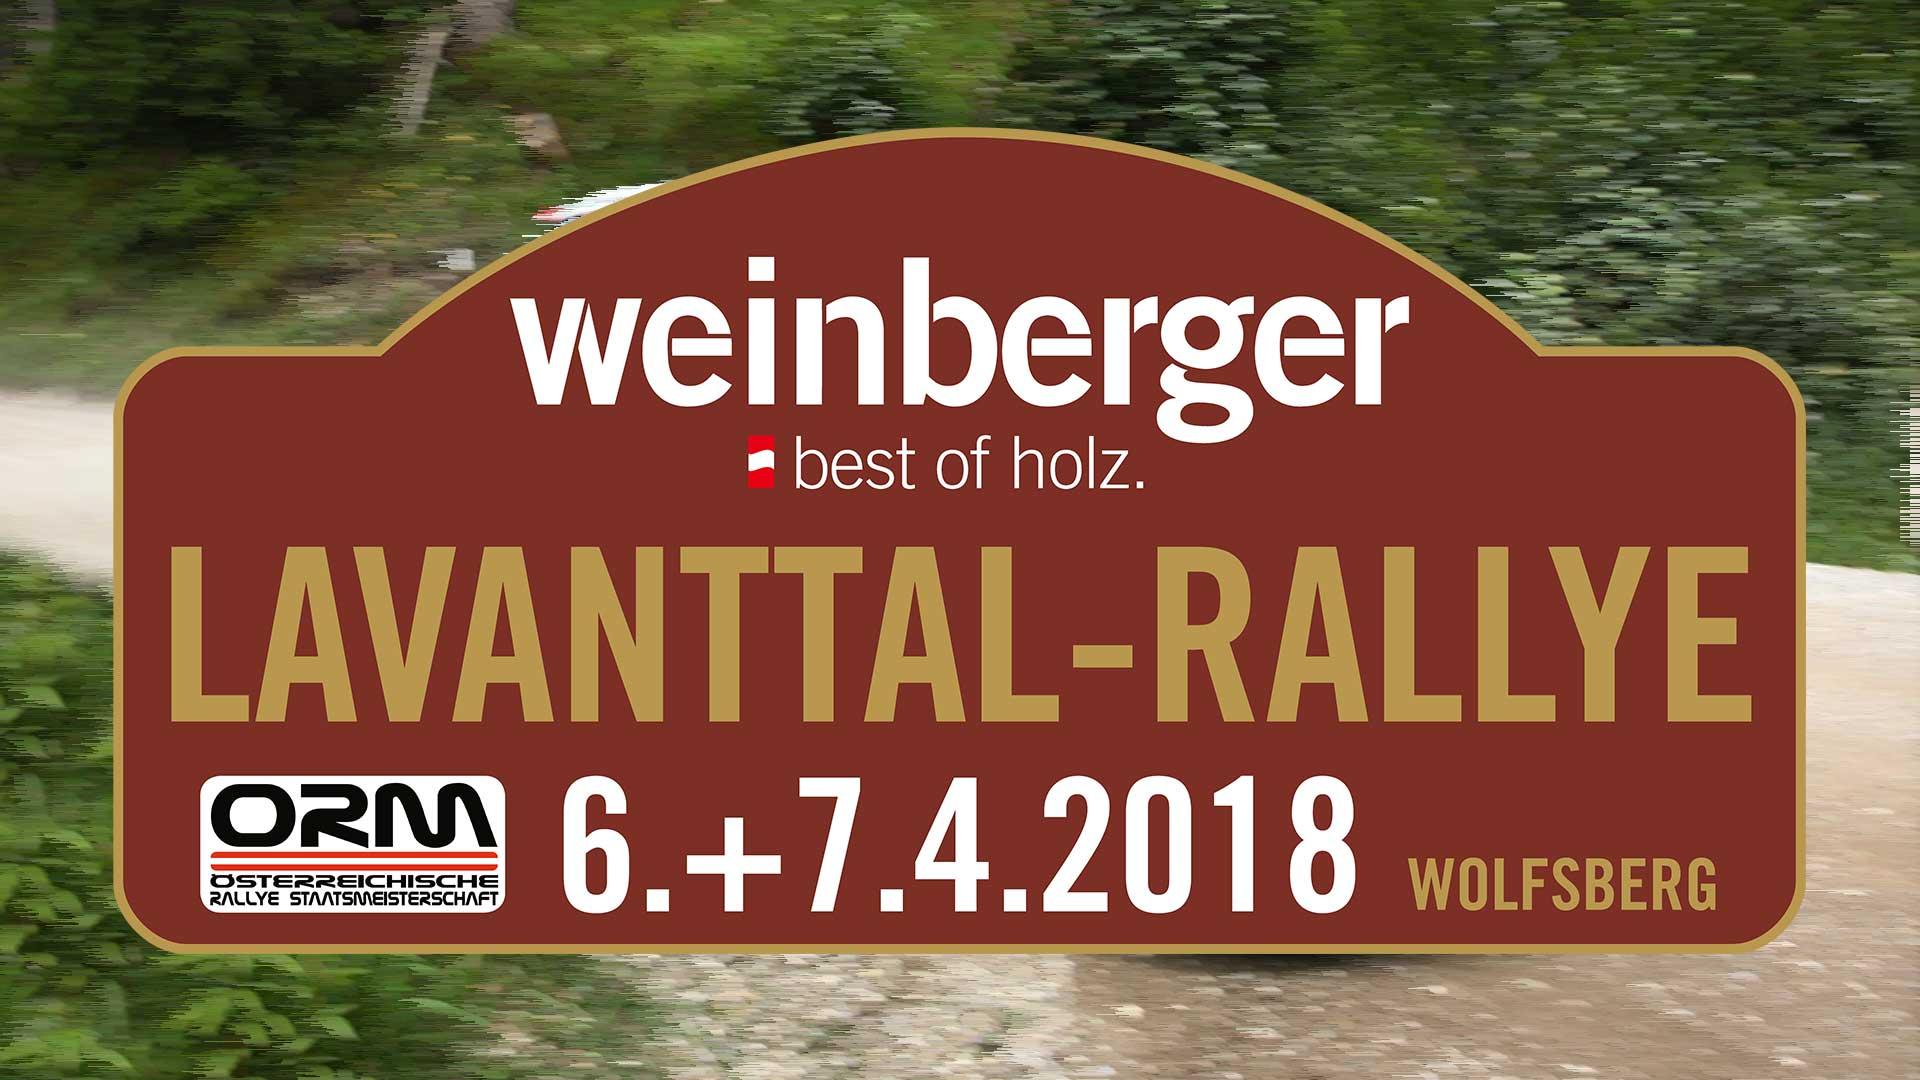 Rallye 2018 De La Vallée De Lavant Parrainé Par Weinberger